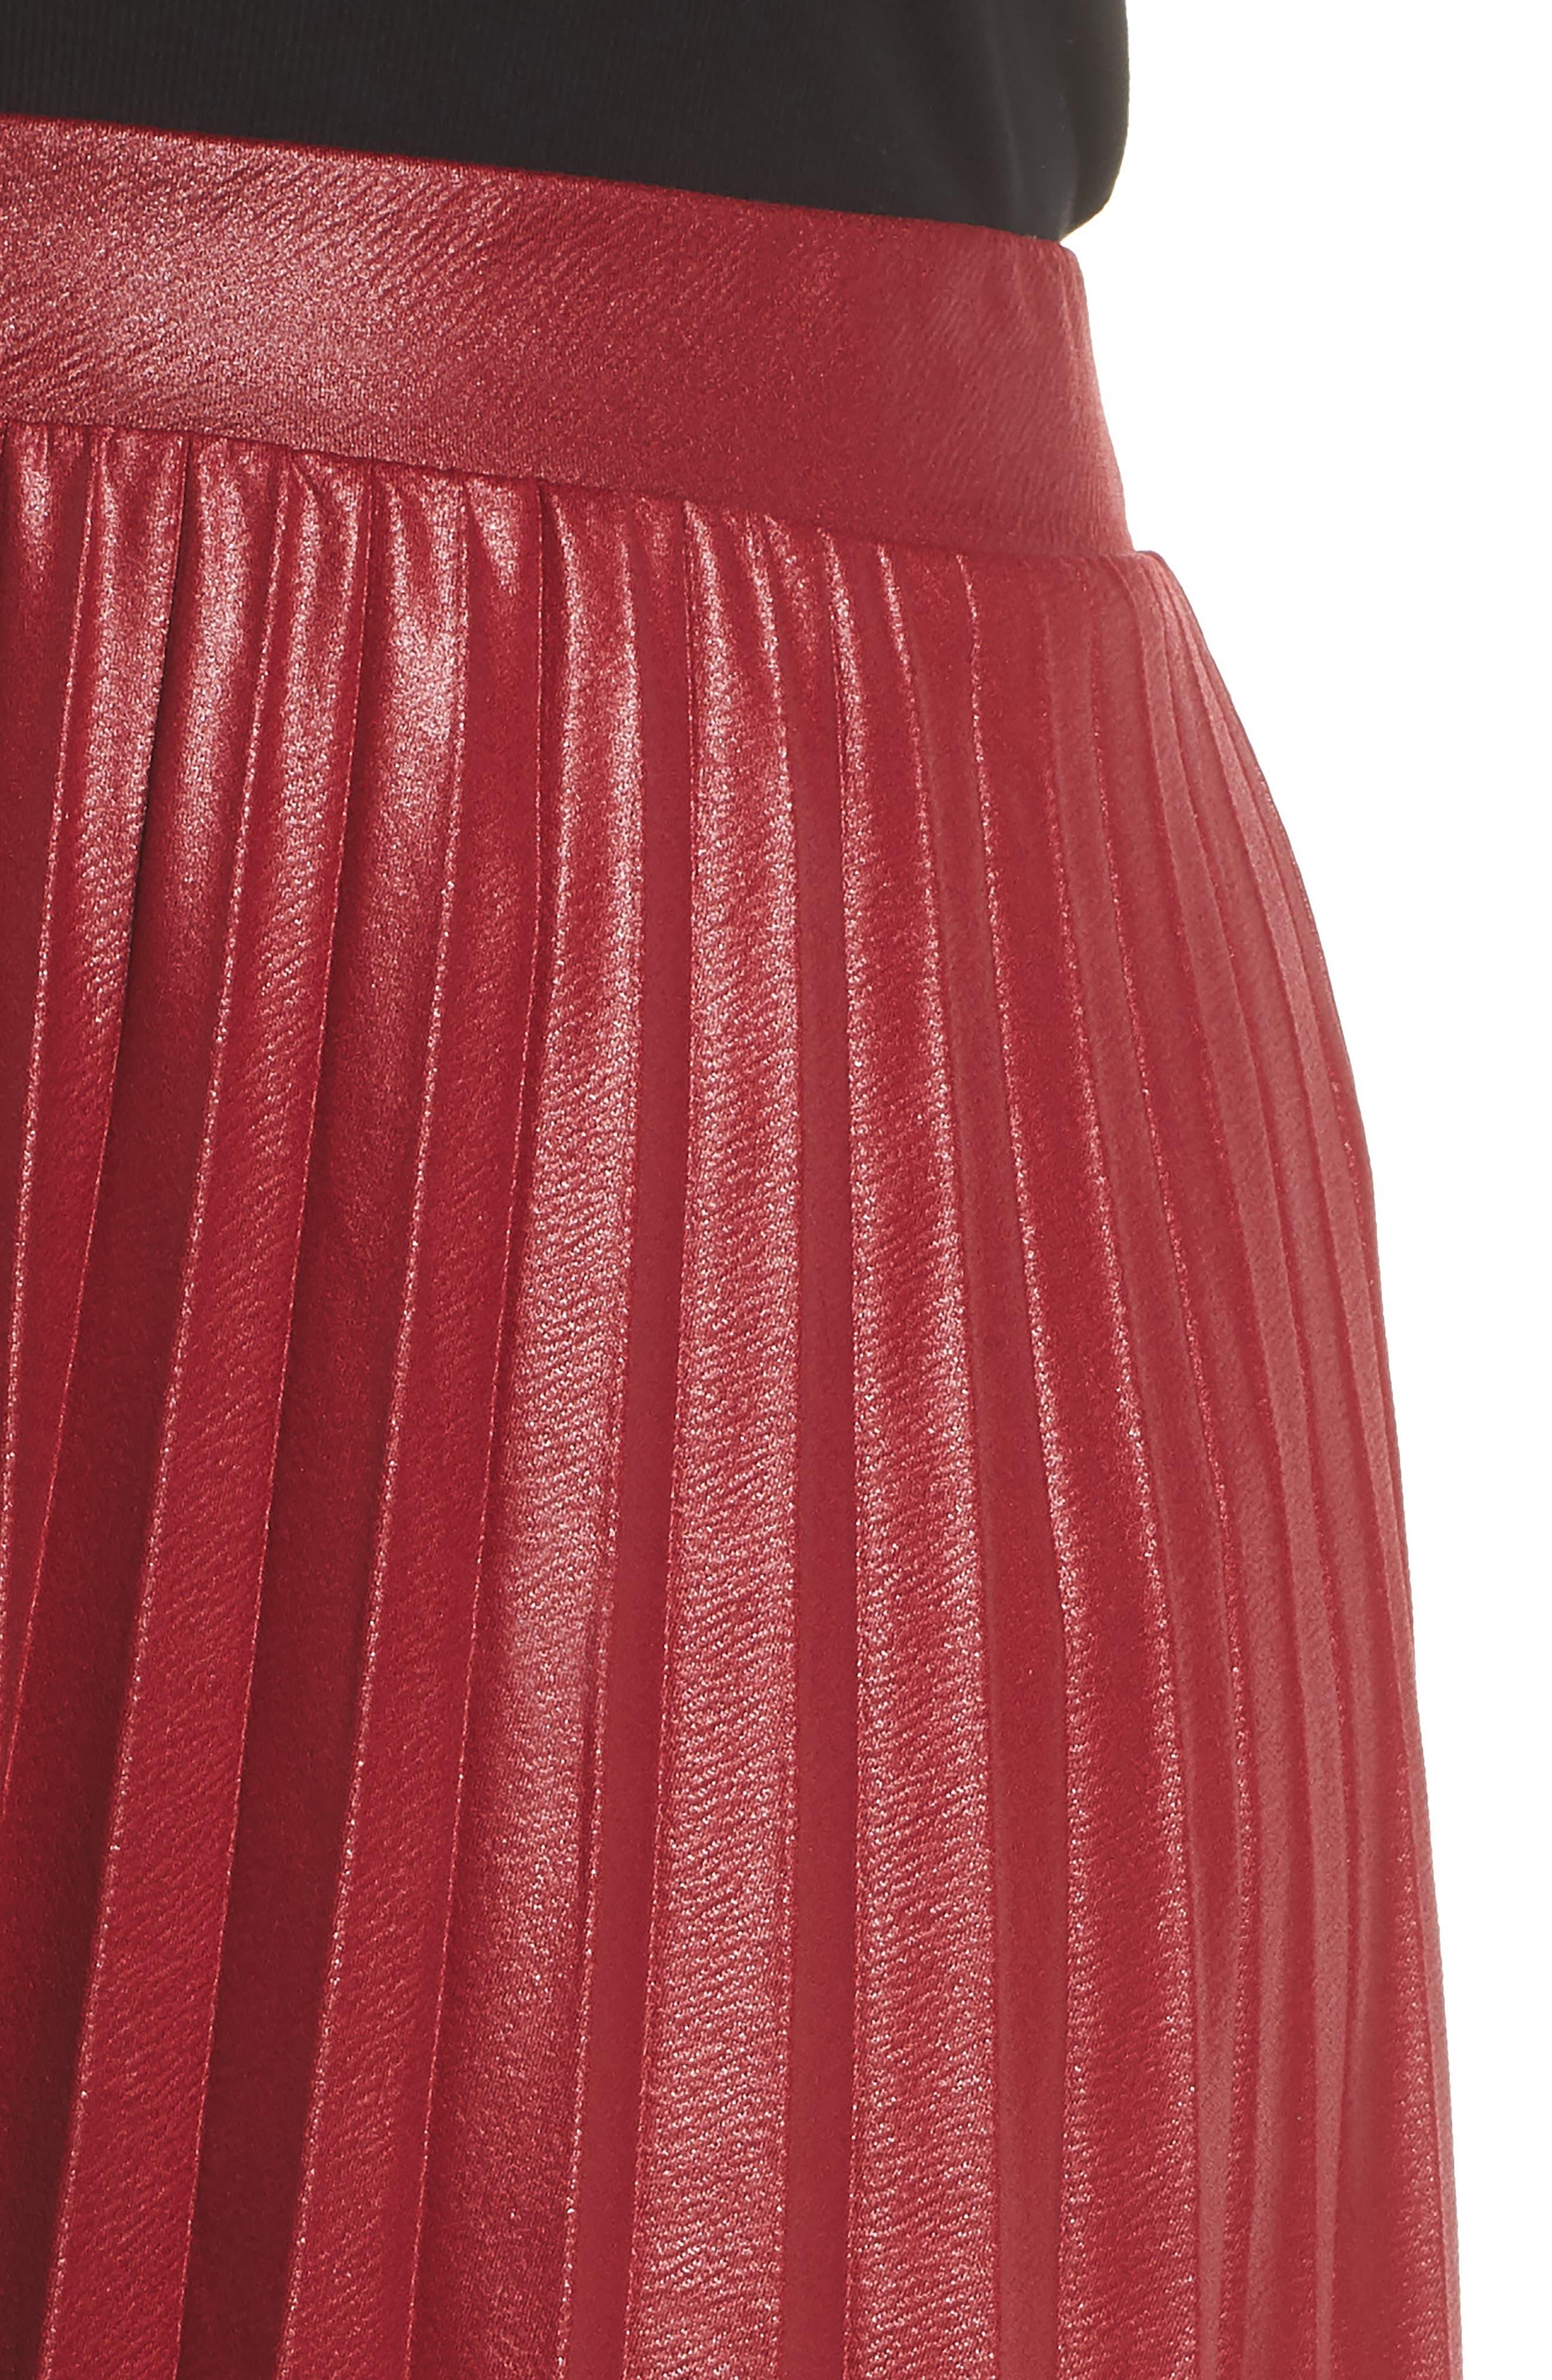 Coated Pleated Midi Skirt,                             Alternate thumbnail 4, color,                             OXBLOOD